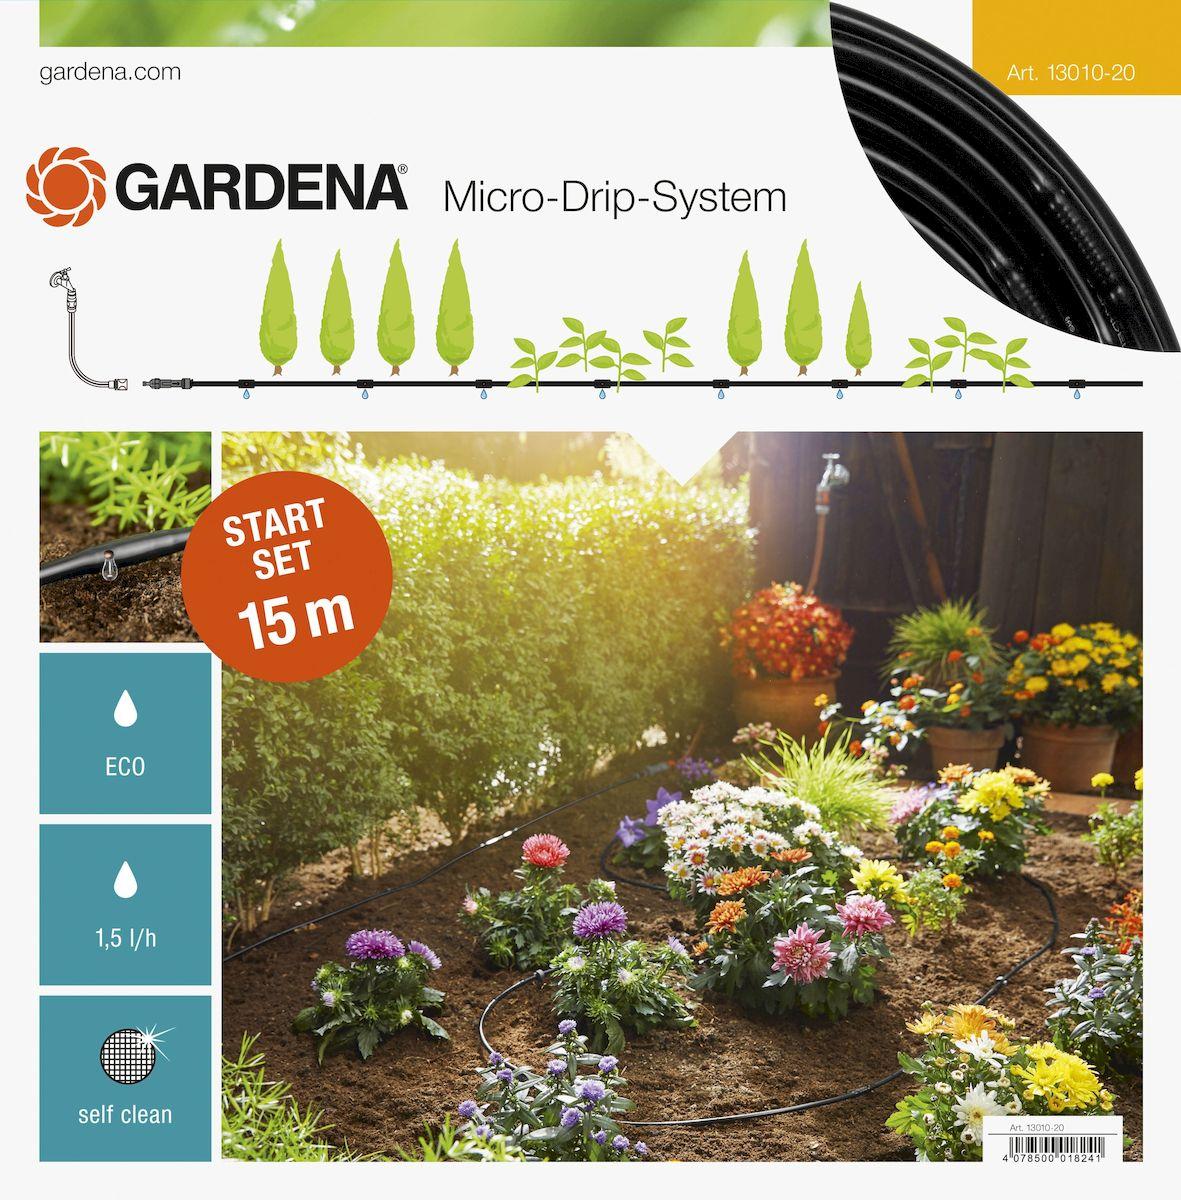 Комплект базовый для наземной прокладки Gardena, 4,6 мм (3/16) х 15 м13010-20.000.00Комплект базовый для наземной прокладки Gardena предназначен для полива небольших участков с цветами, овощами и фруктами, а также для полива посаженных в ряд растений. Расстояние между отверстиями составляет 30 см. Каждая капельница обеспечивает бережный полив с расходом воды 1,6 л/ч. Благодаря использованию инновационной лабиринтной технологии, капельницы являются самоочищающимися. Благодаря небольшому диаметру 4,6 мм (3/16) шланг характеризуется особой многофункциональностью и простотой монтажа. При условии установки мастер-блока по центру длина шланга может быть увеличена до 30 м с помощью комплекта для удлинения. В комплекте: - мастер-блок 1000; - подающий шланг 4,6 мм (3/16), 15 м; - колышки для крепления шланга 13 мм (1/2), 15 шт; - заглушка 4,6 мм (3/16).